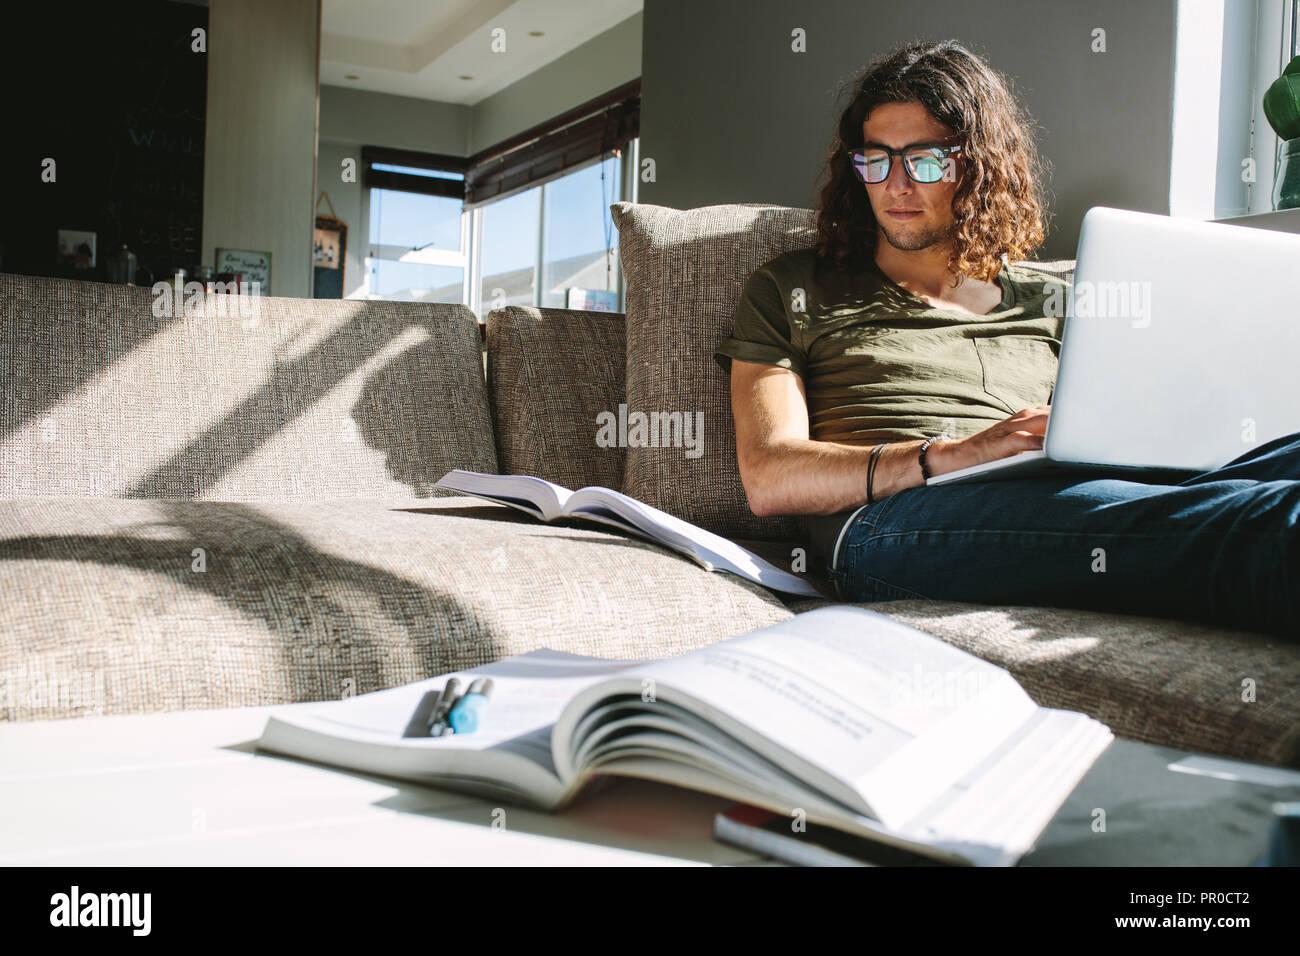 Giovane uomo studiando per gli esami seduti sul divano di casa con la luce del sole proveniente dalla finestra. Studente per esame su laptop con libri di fronte. Immagini Stock